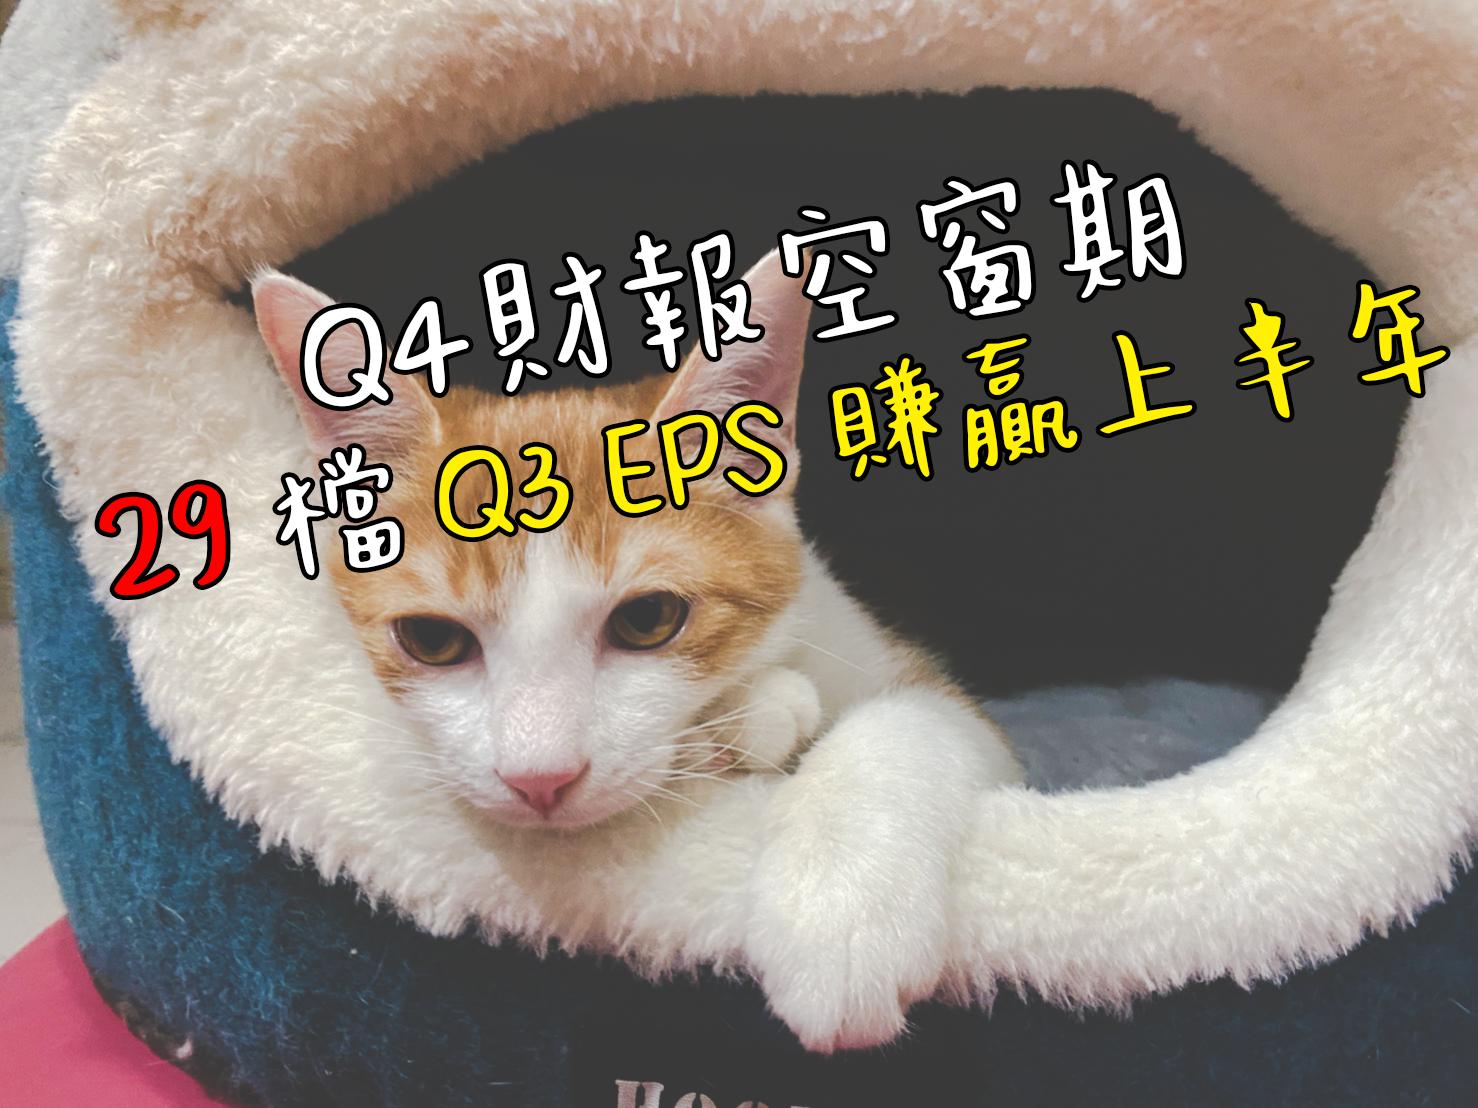 Q4 財報空窗期, 29 檔 Q3 EPS 賺贏上半年,搭上飆漲作夢行情!